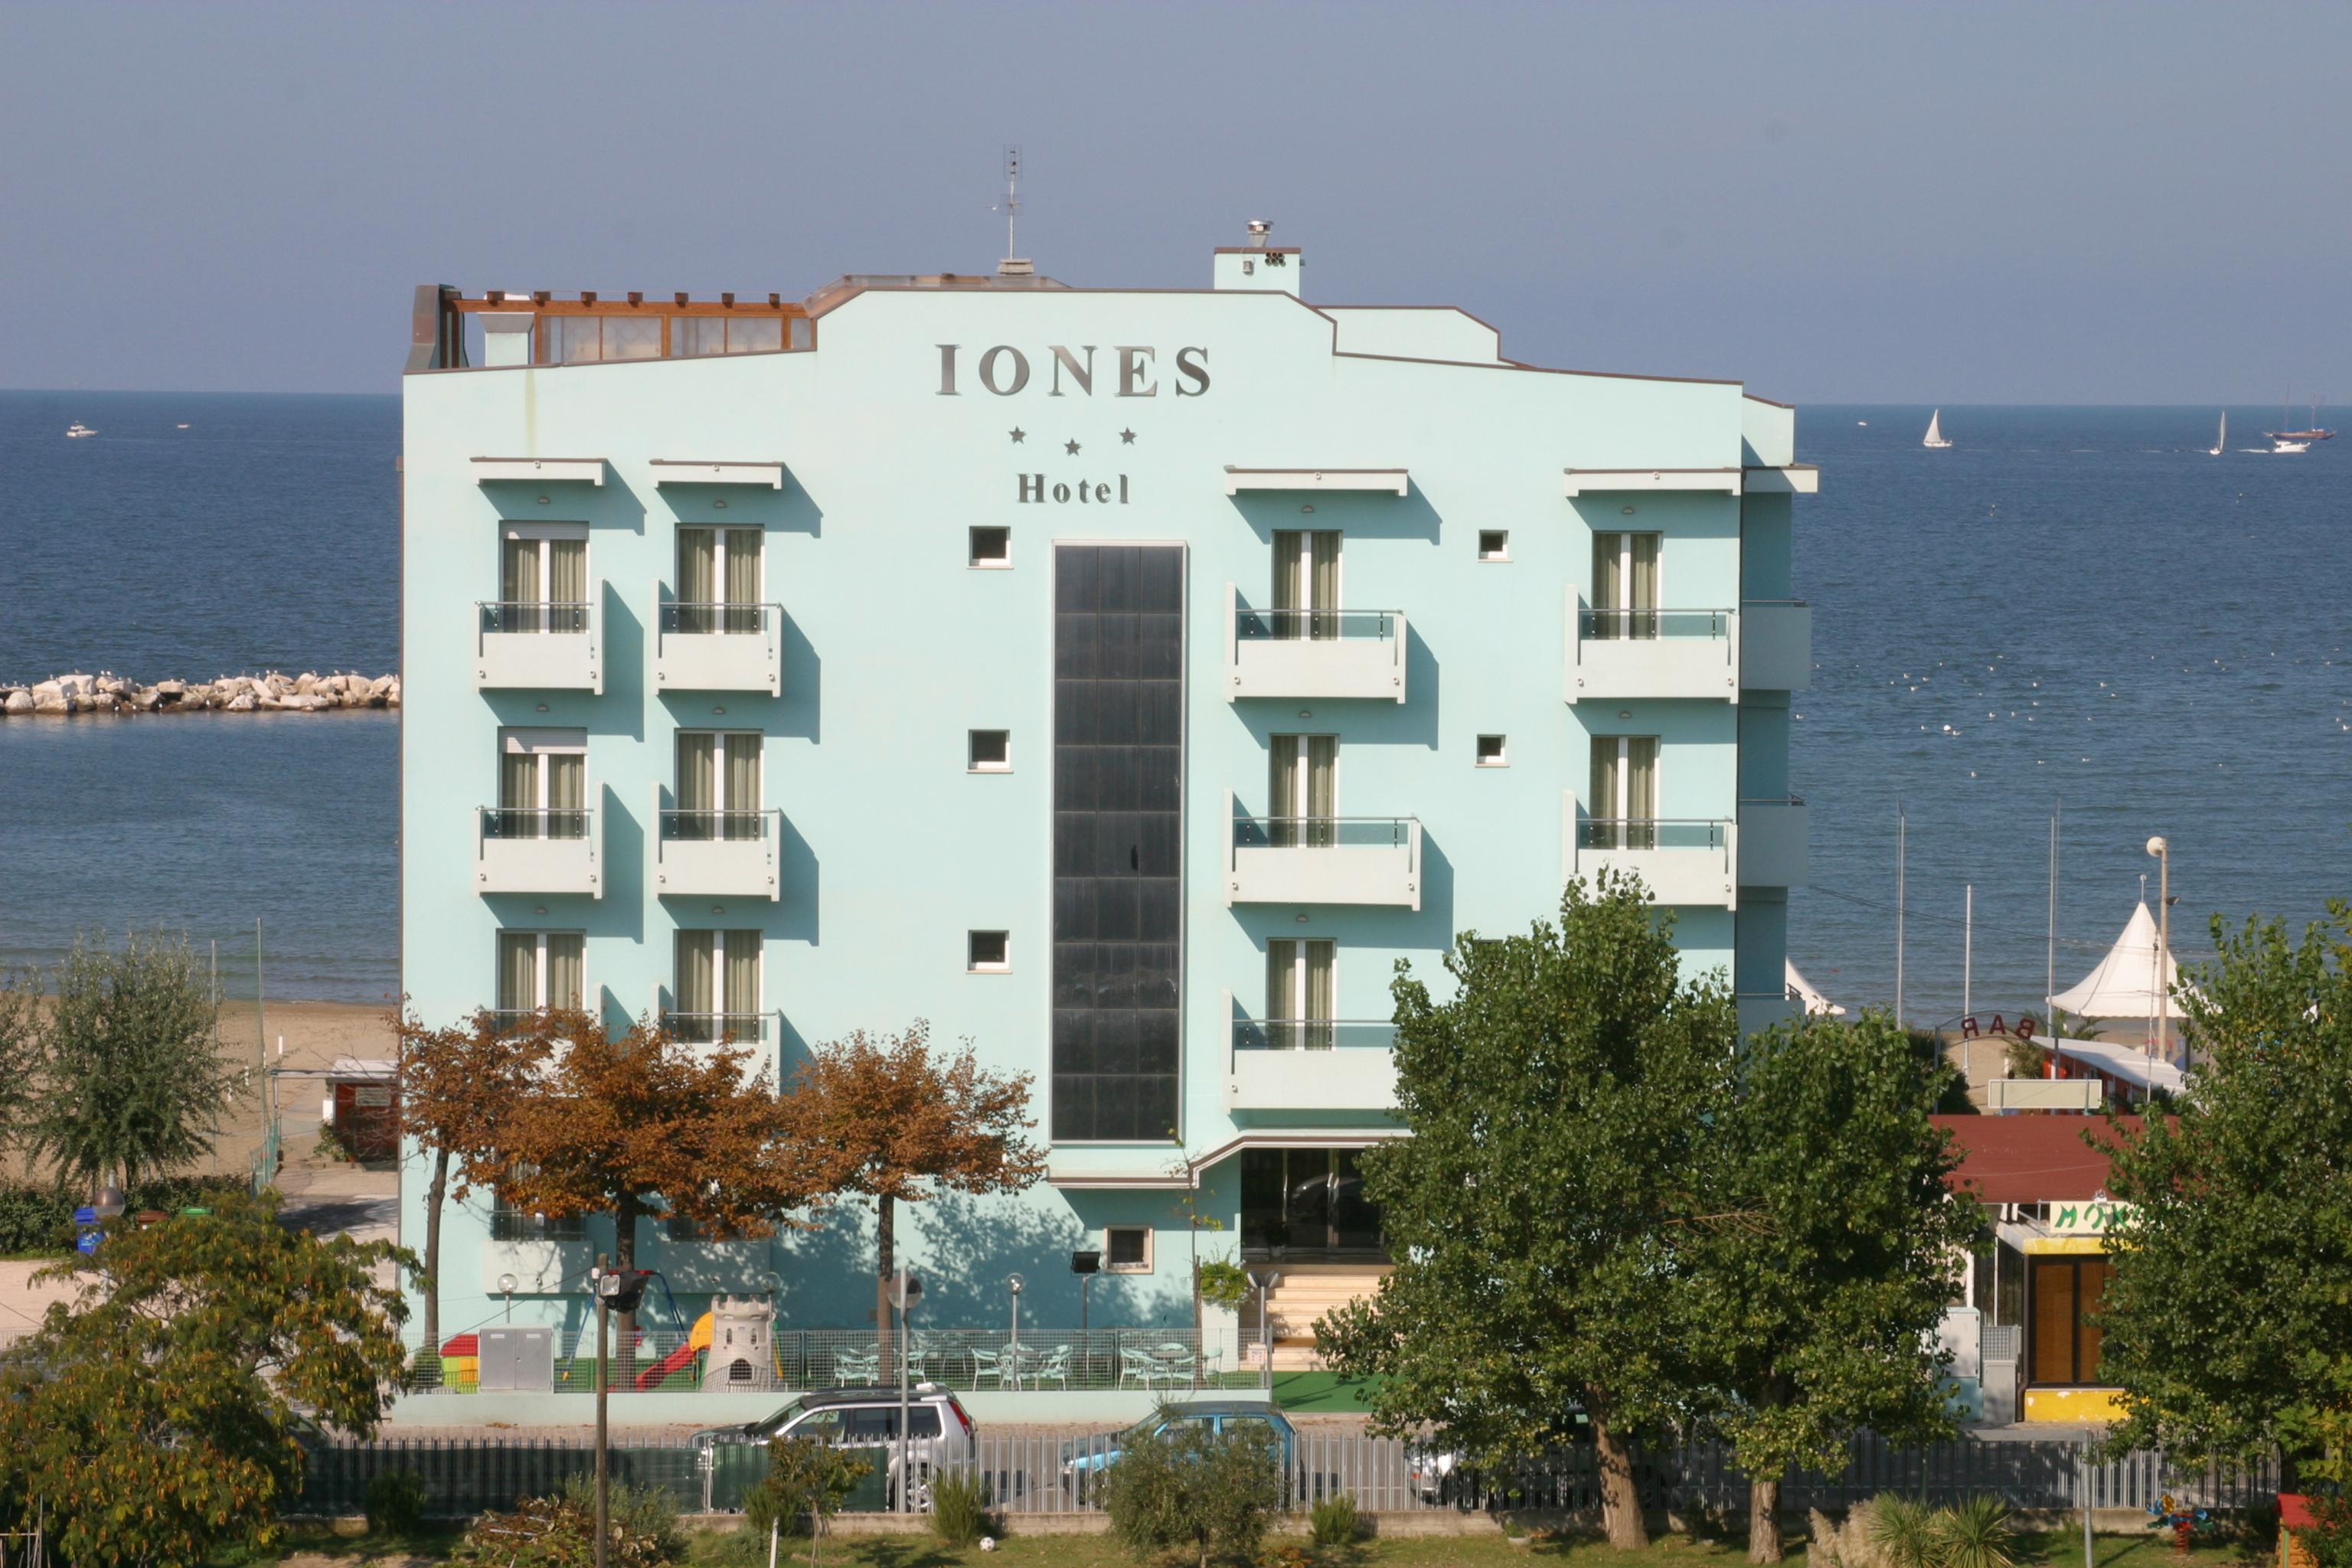 Hotel Iones -